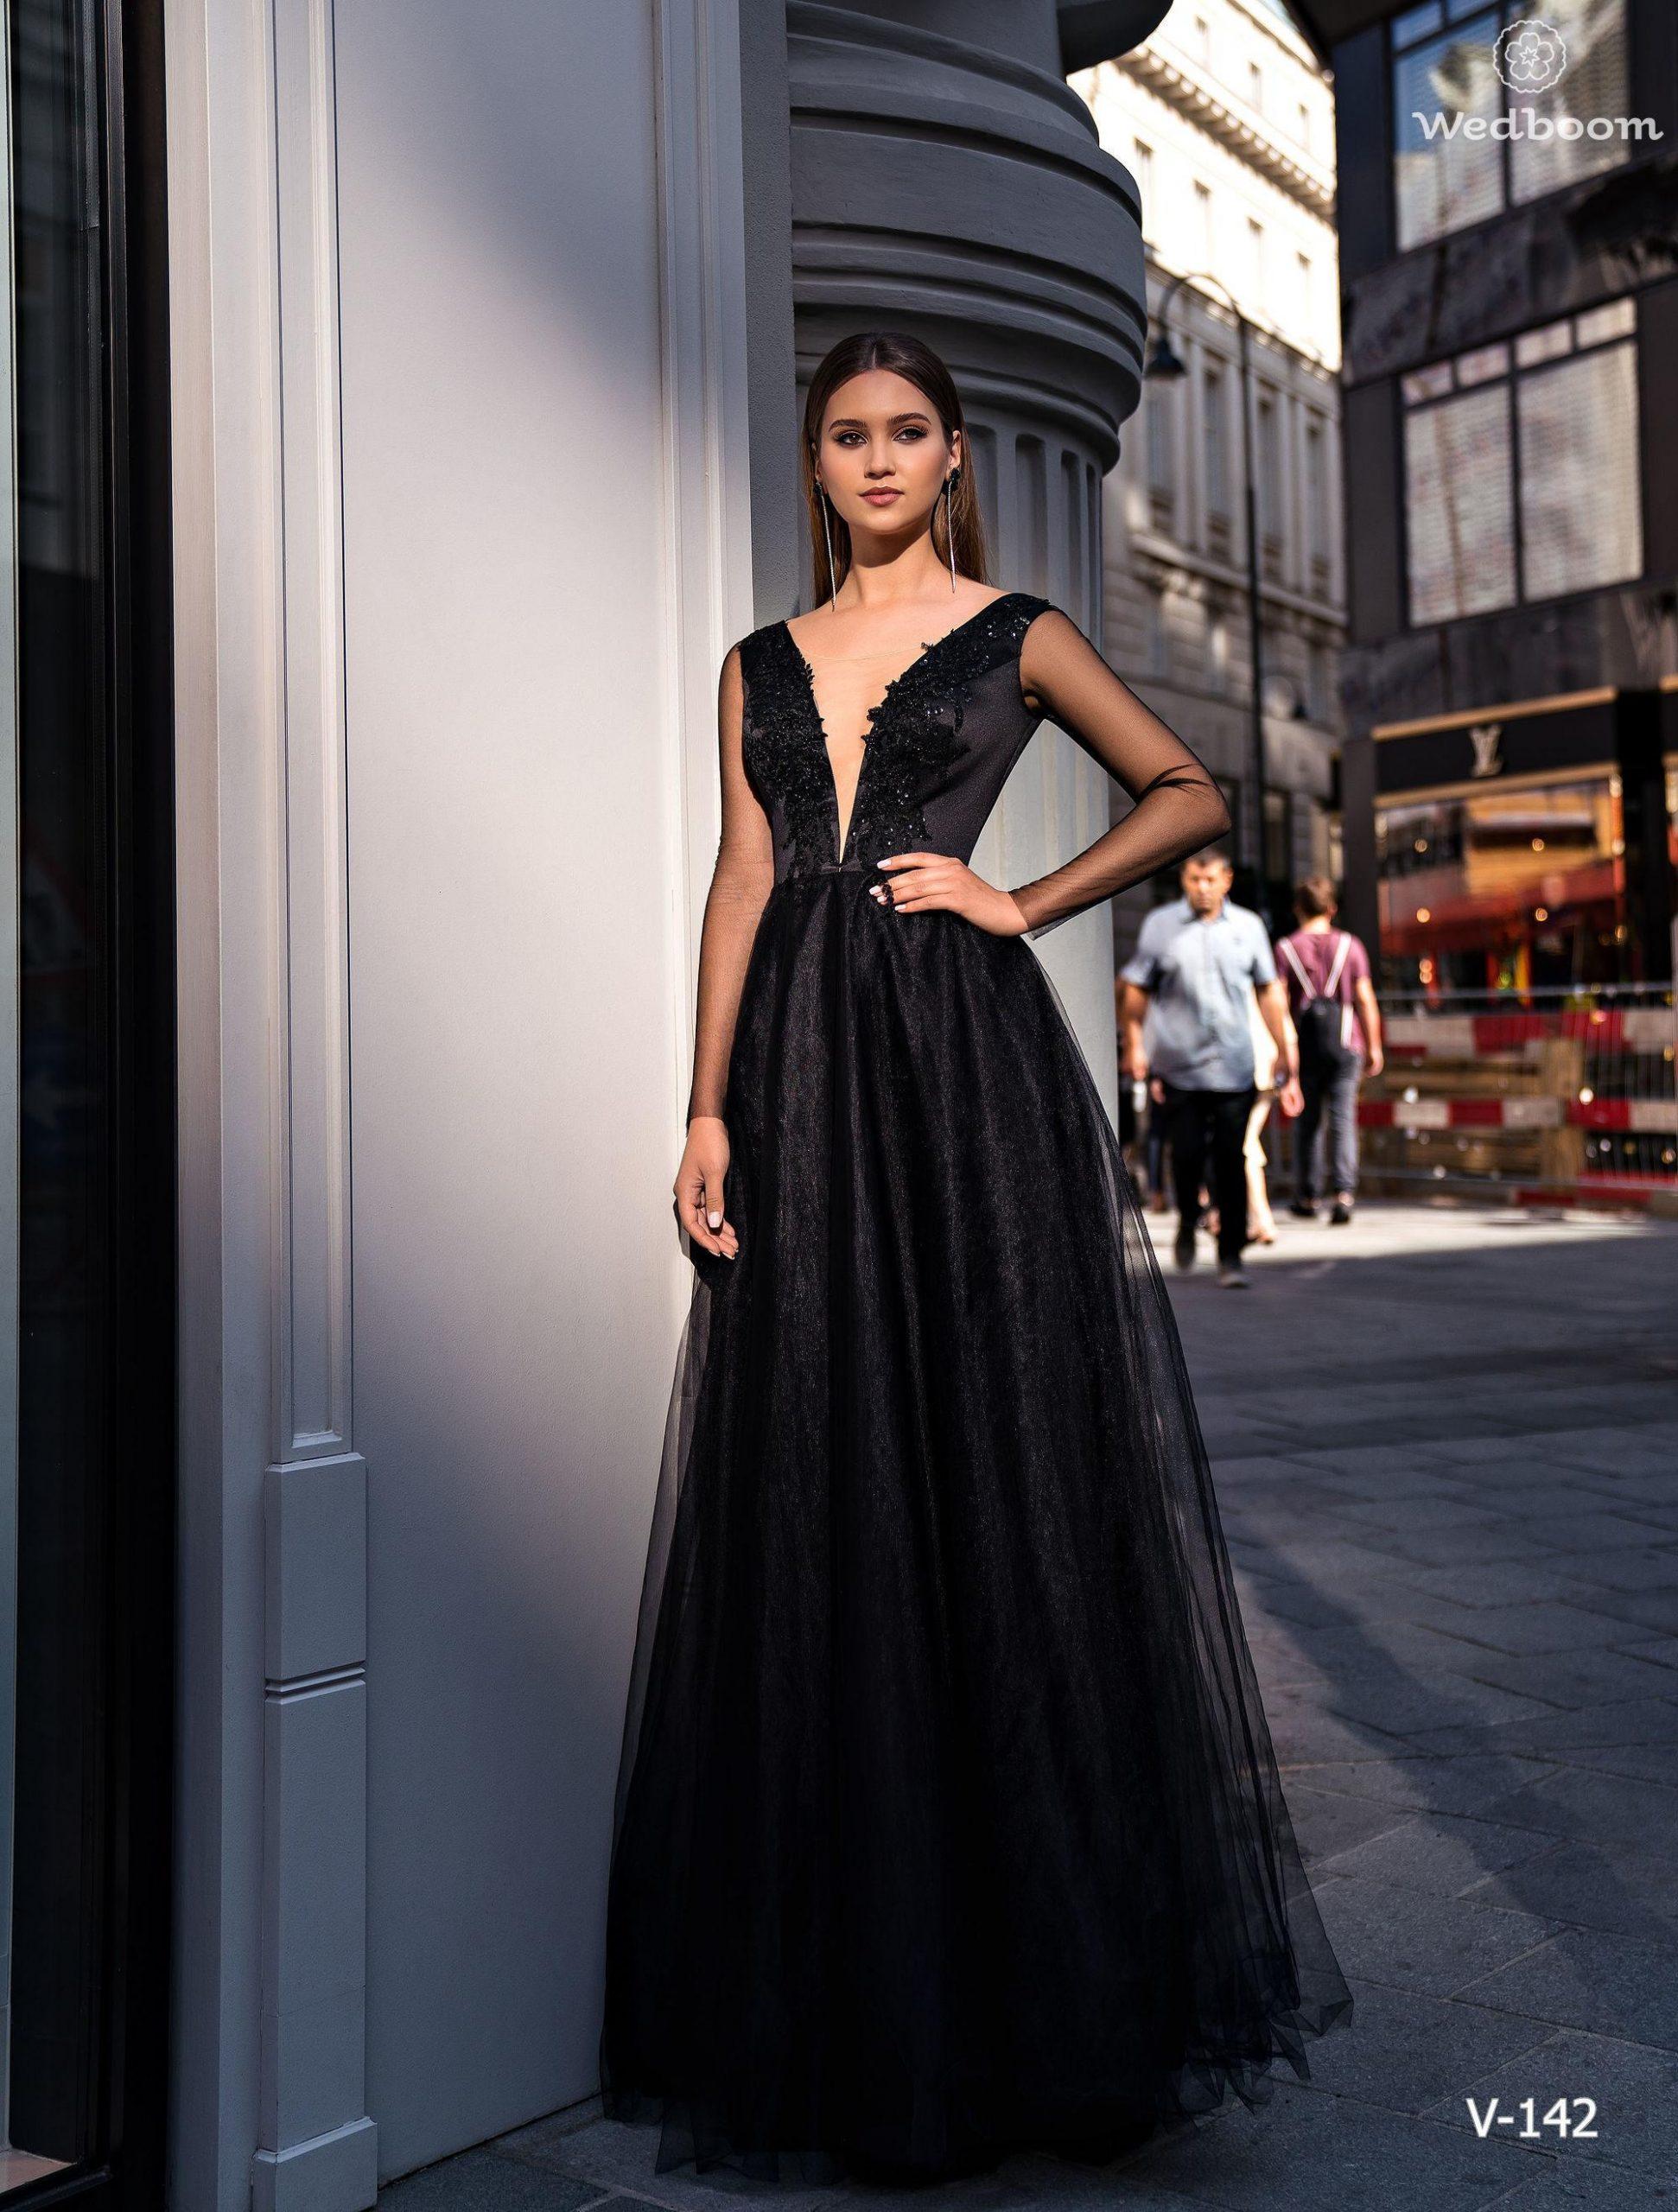 Top Abendkleider Ch Spezialgebiet17 Elegant Abendkleider Ch Bester Preis